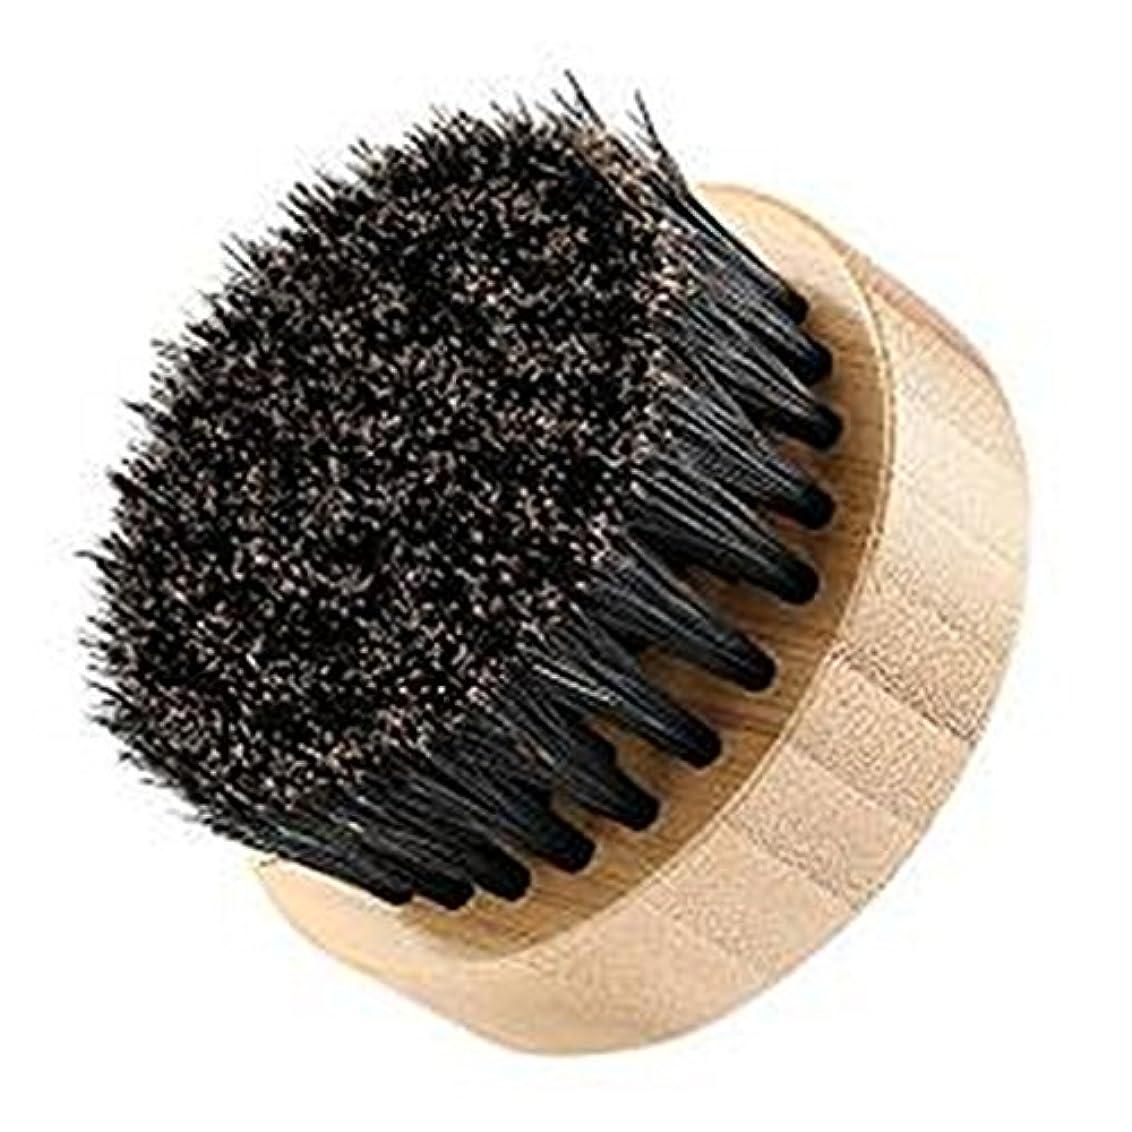 ナイロンソケット混乱させるLUXWELL(ラクスウェル) ブラシ 100% 豚毛ブラシ 天然木 髭ブラシ FH-130